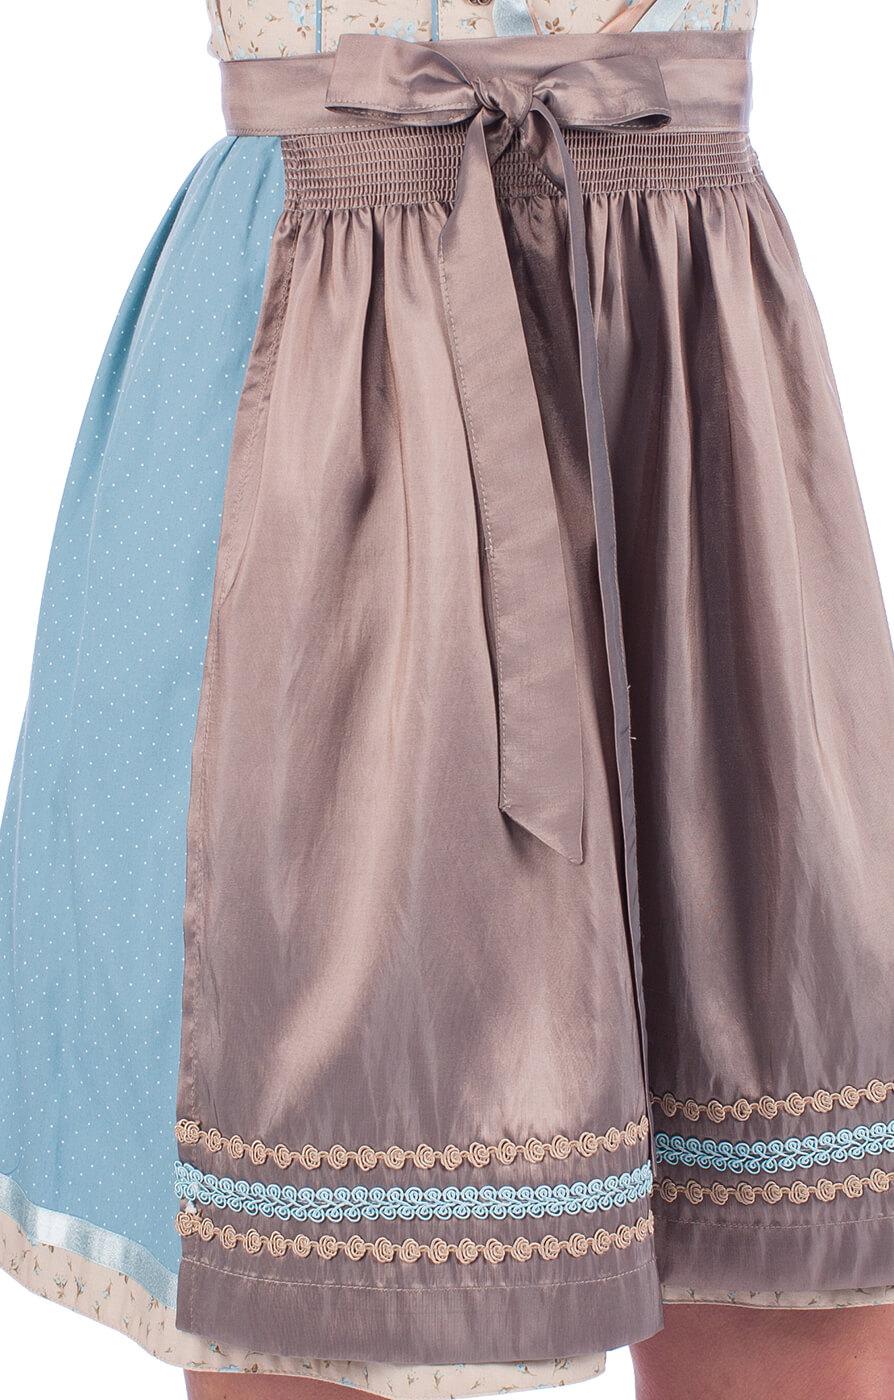 weitere Bilder von Minidirndl 2pcs. Mira beige blue 55cm